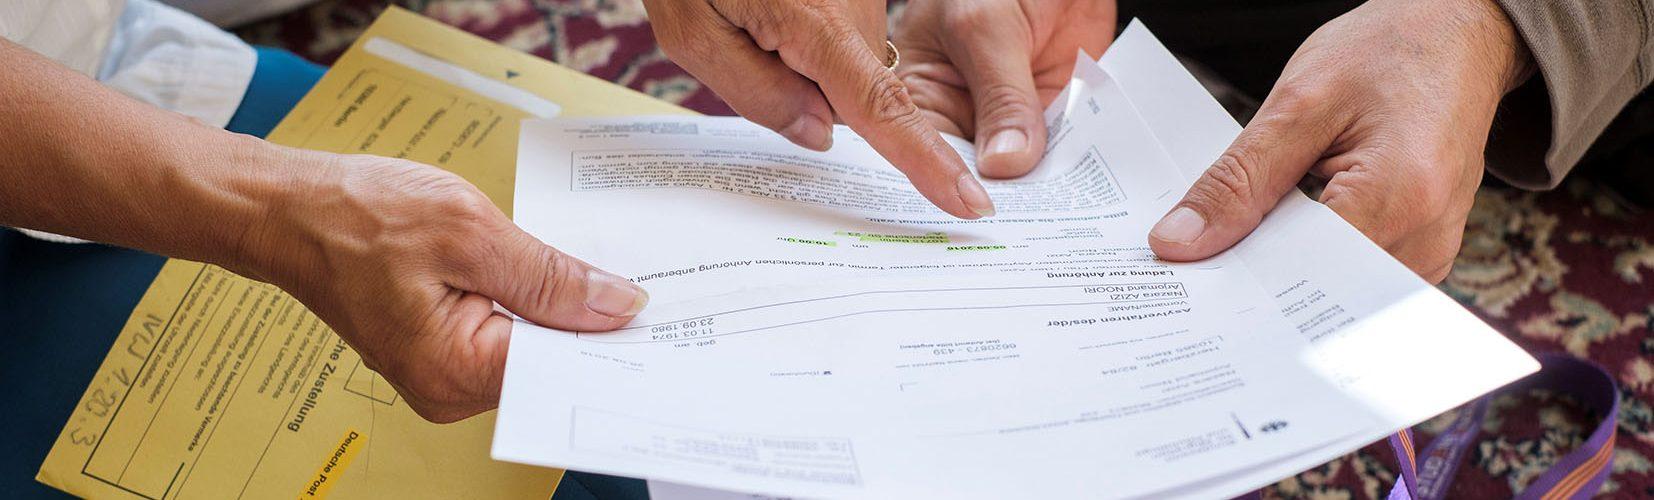 Nachbarschaftsmittlerhilft beim Formulare ausfüllen